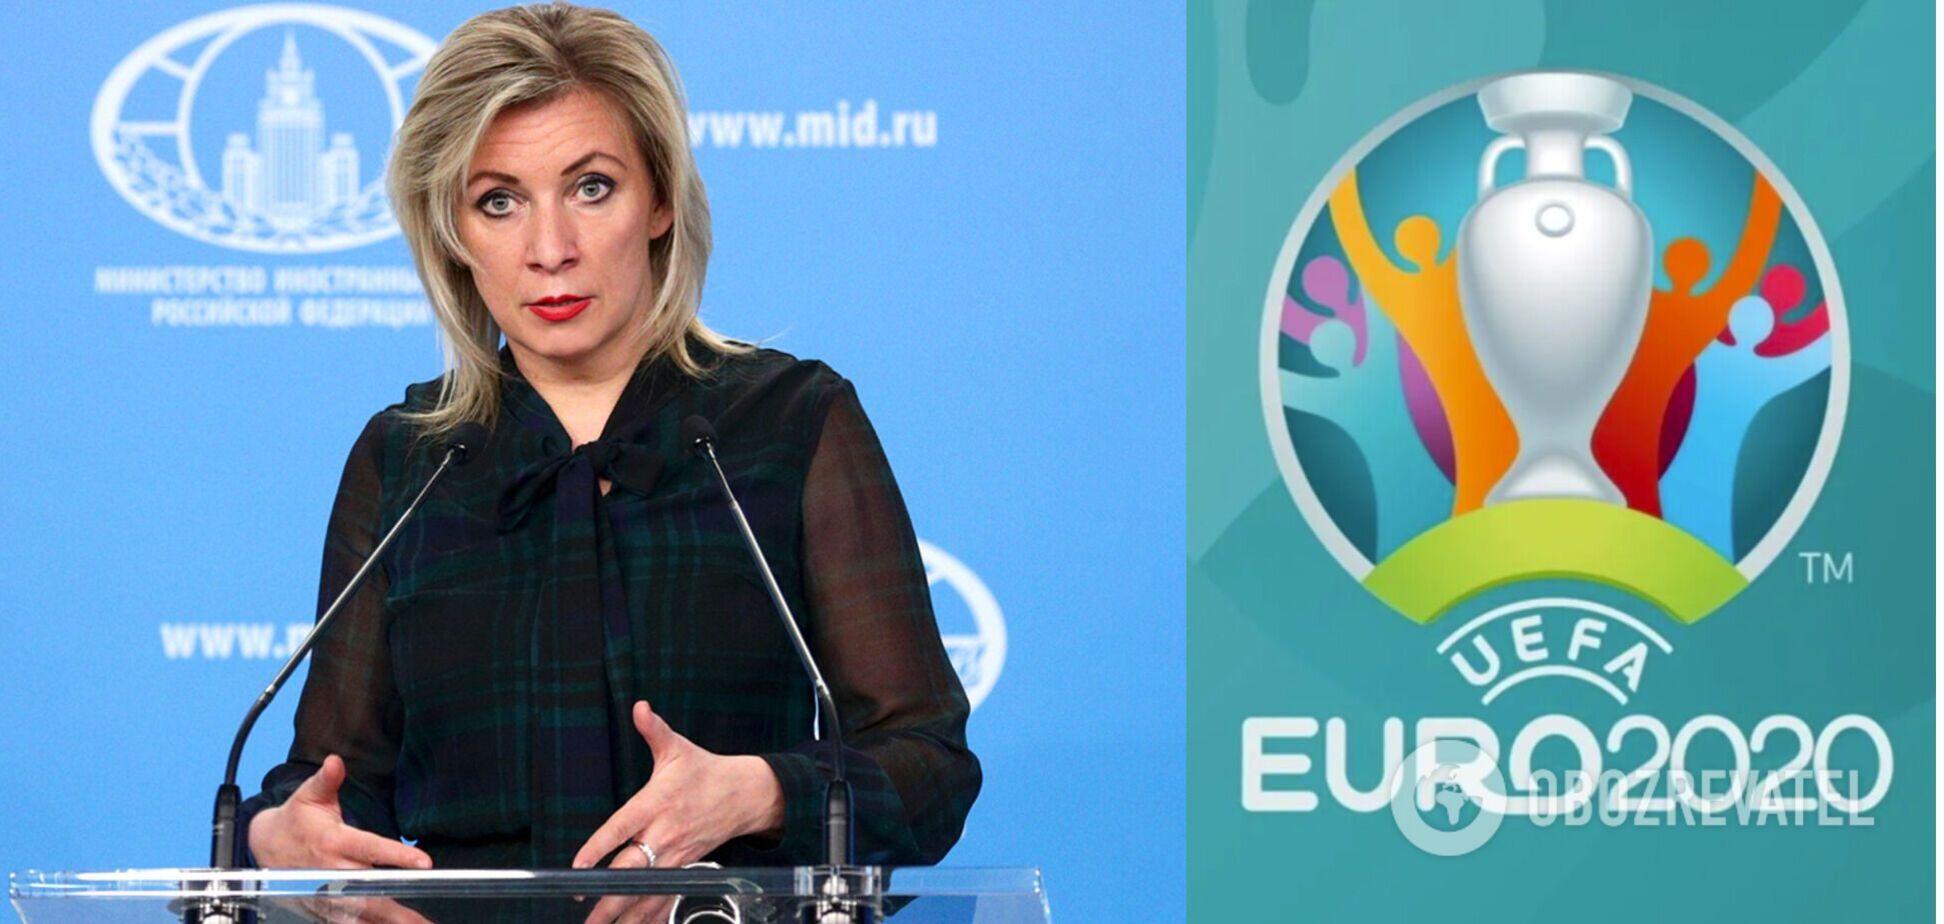 Марія Захарова прокоментувала заяву британського посольства перед матчем Євро-2020 з Україною